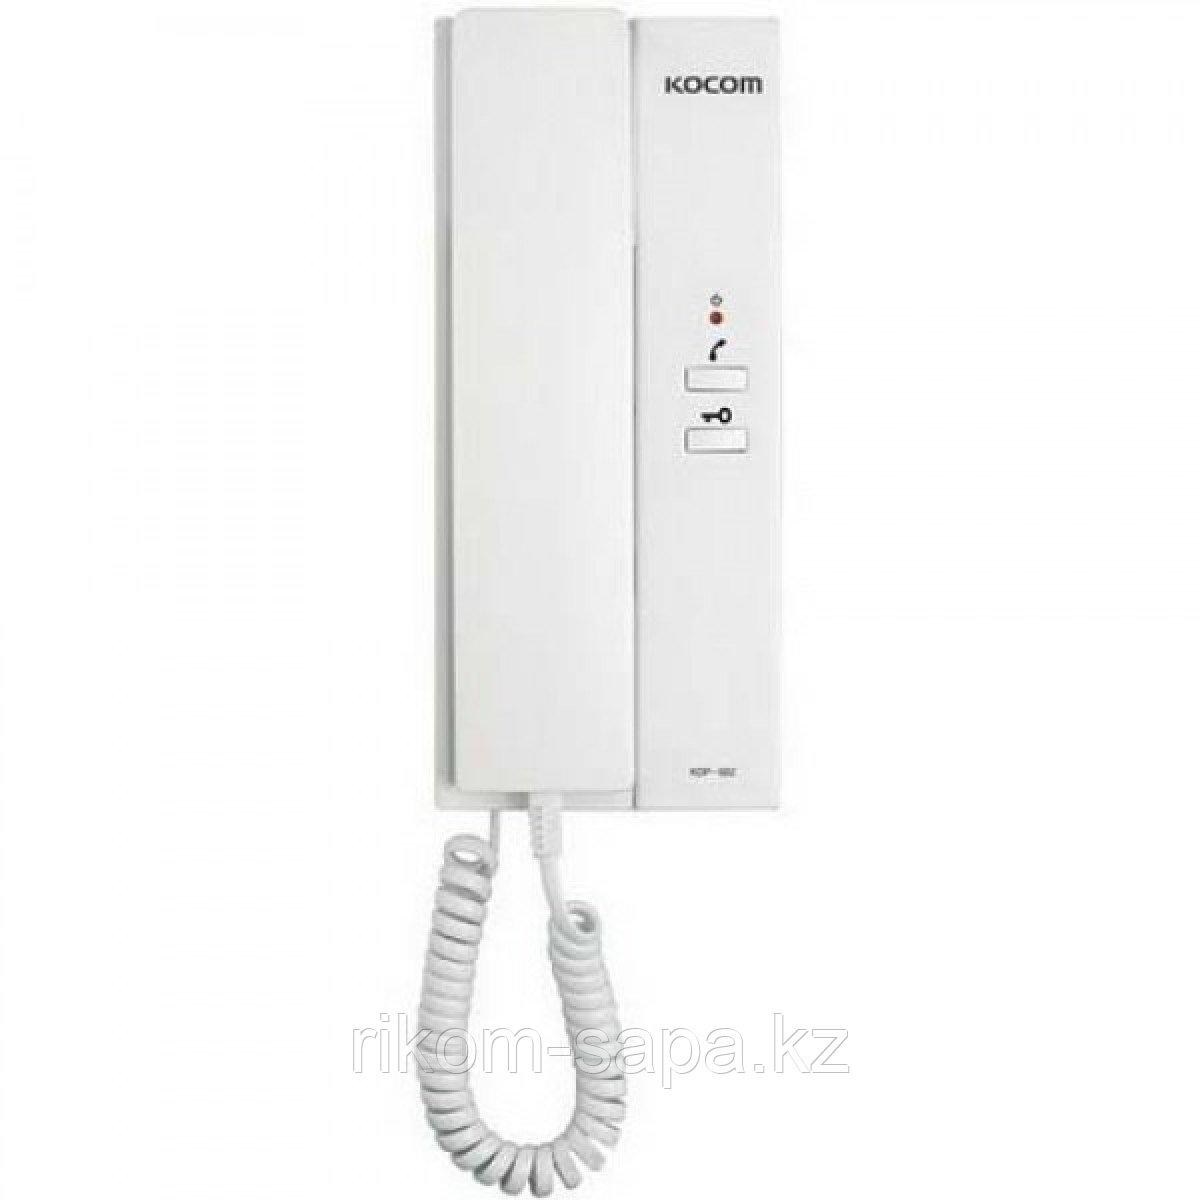 Трубка аудиодомофона KOCOM KDP-602G